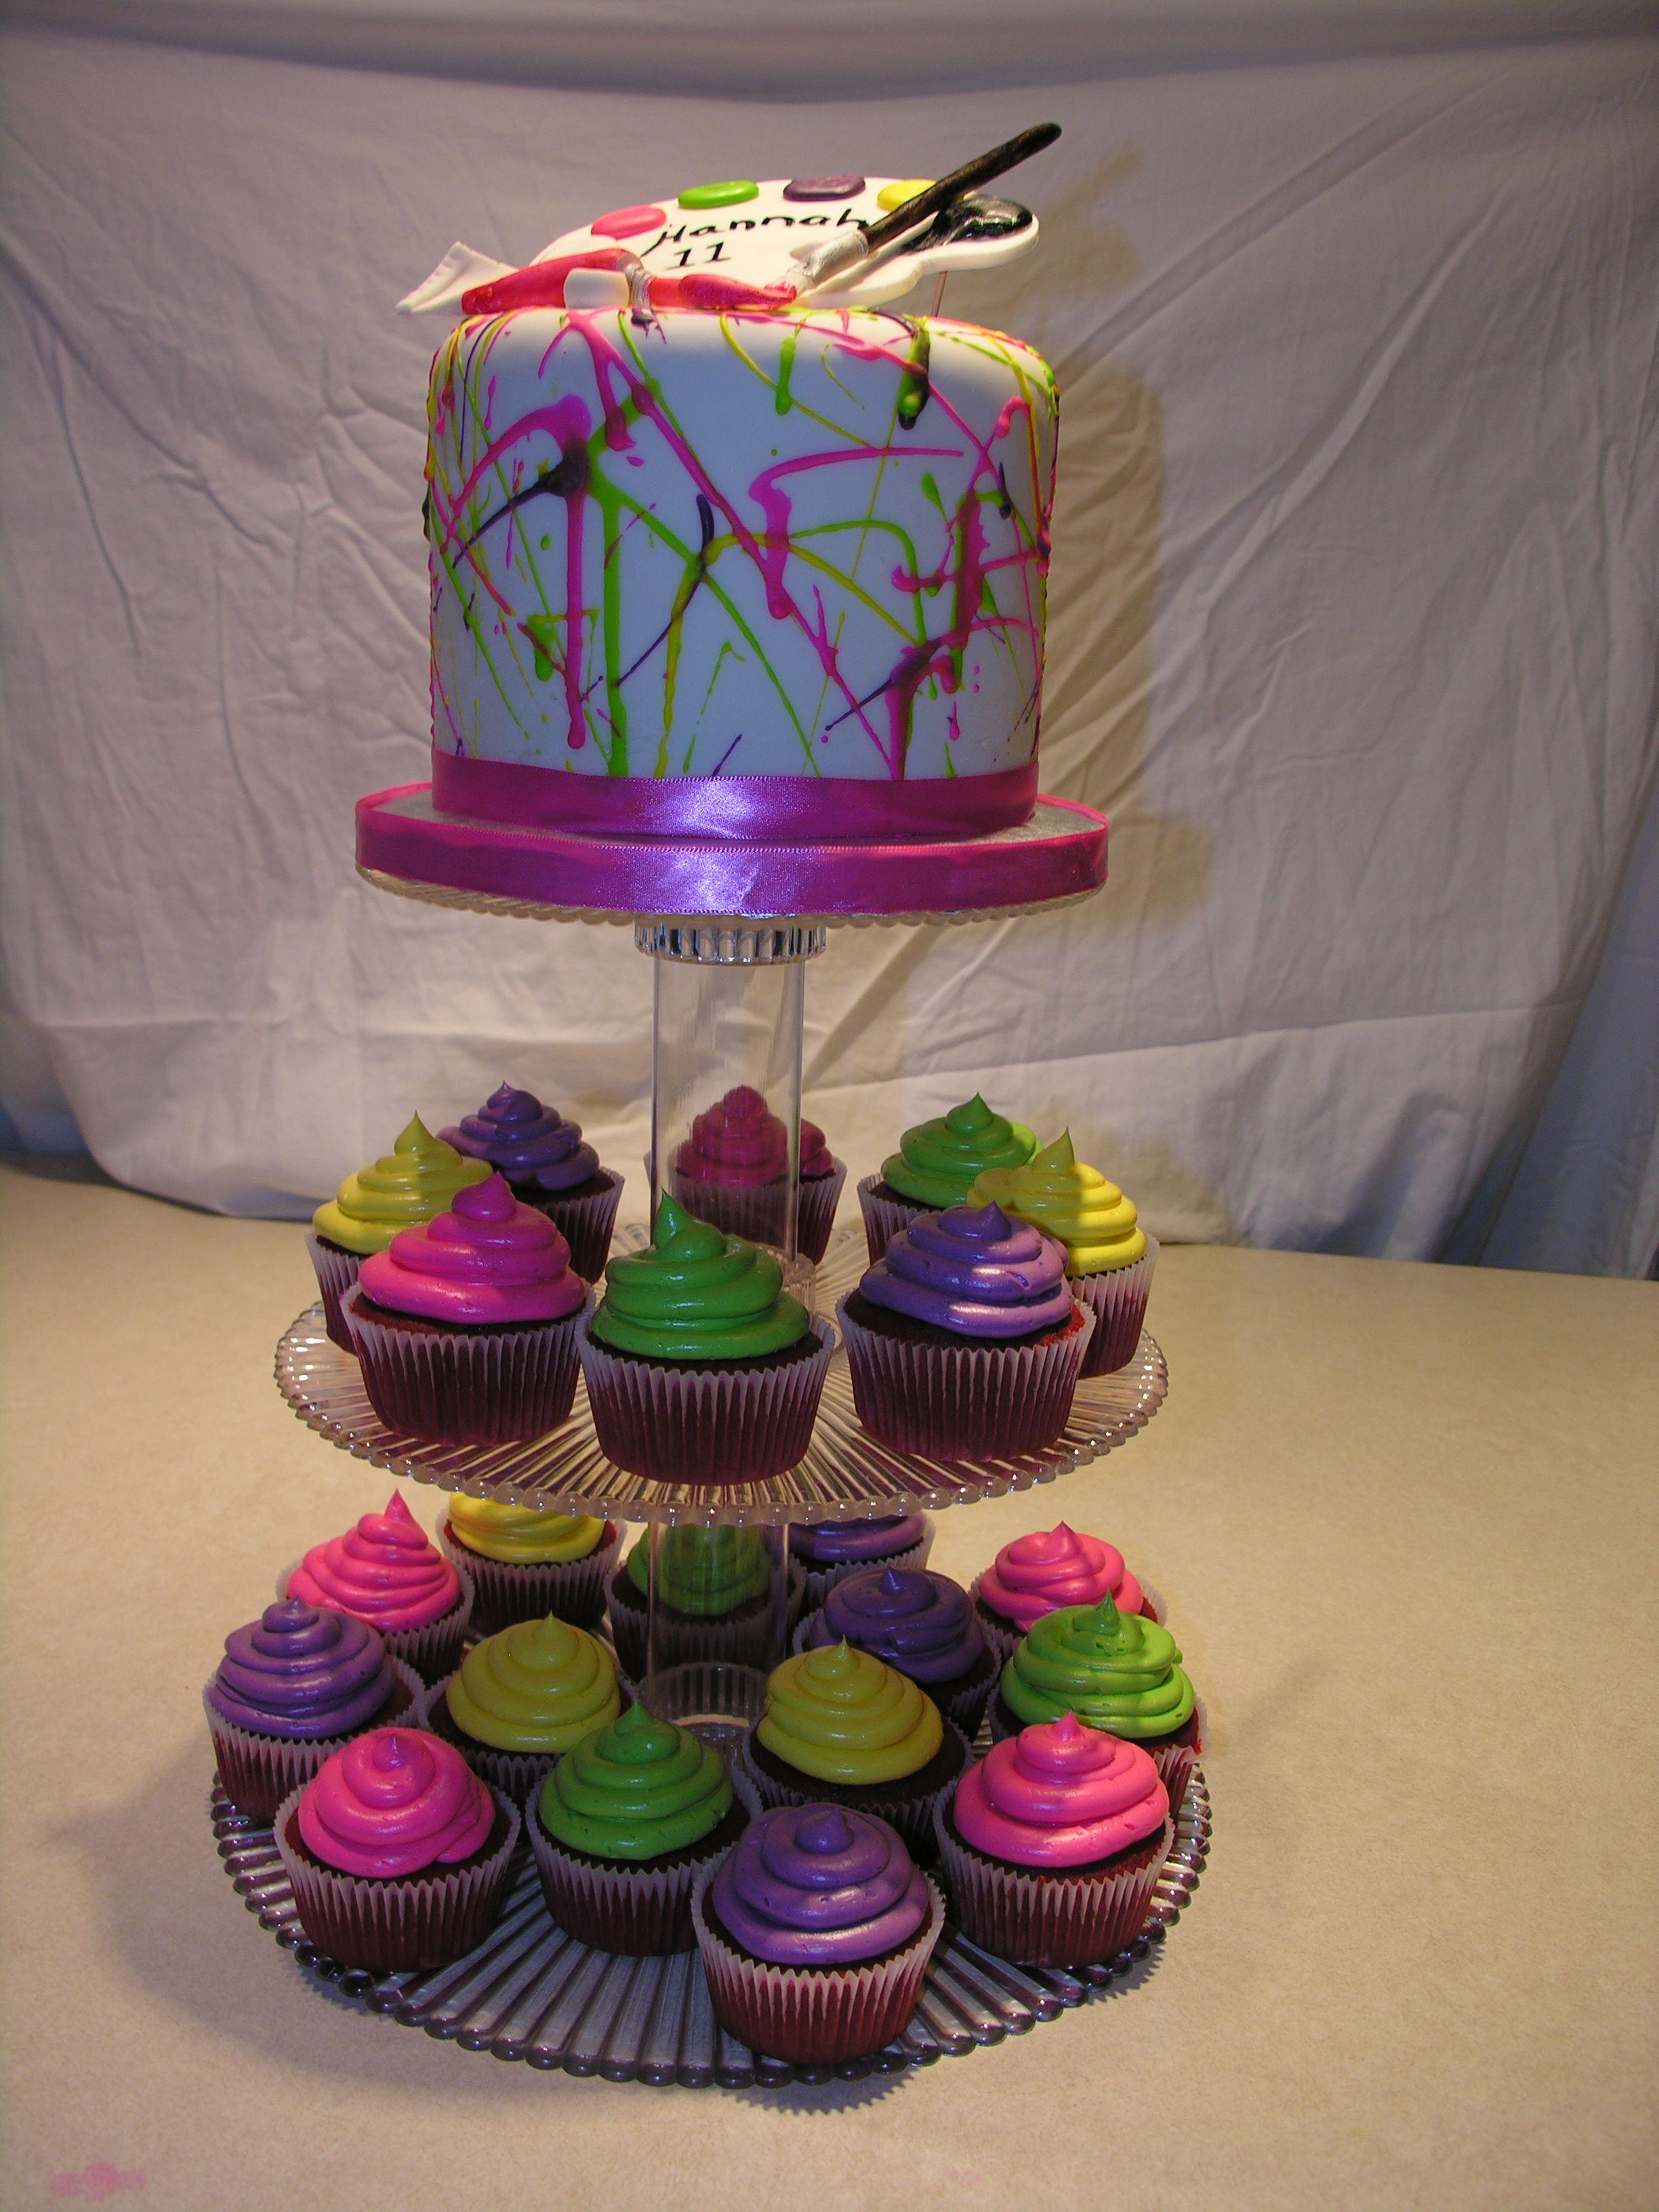 Paint Splatter Cupcake Tower - Paint Splatter Cake For My -1954